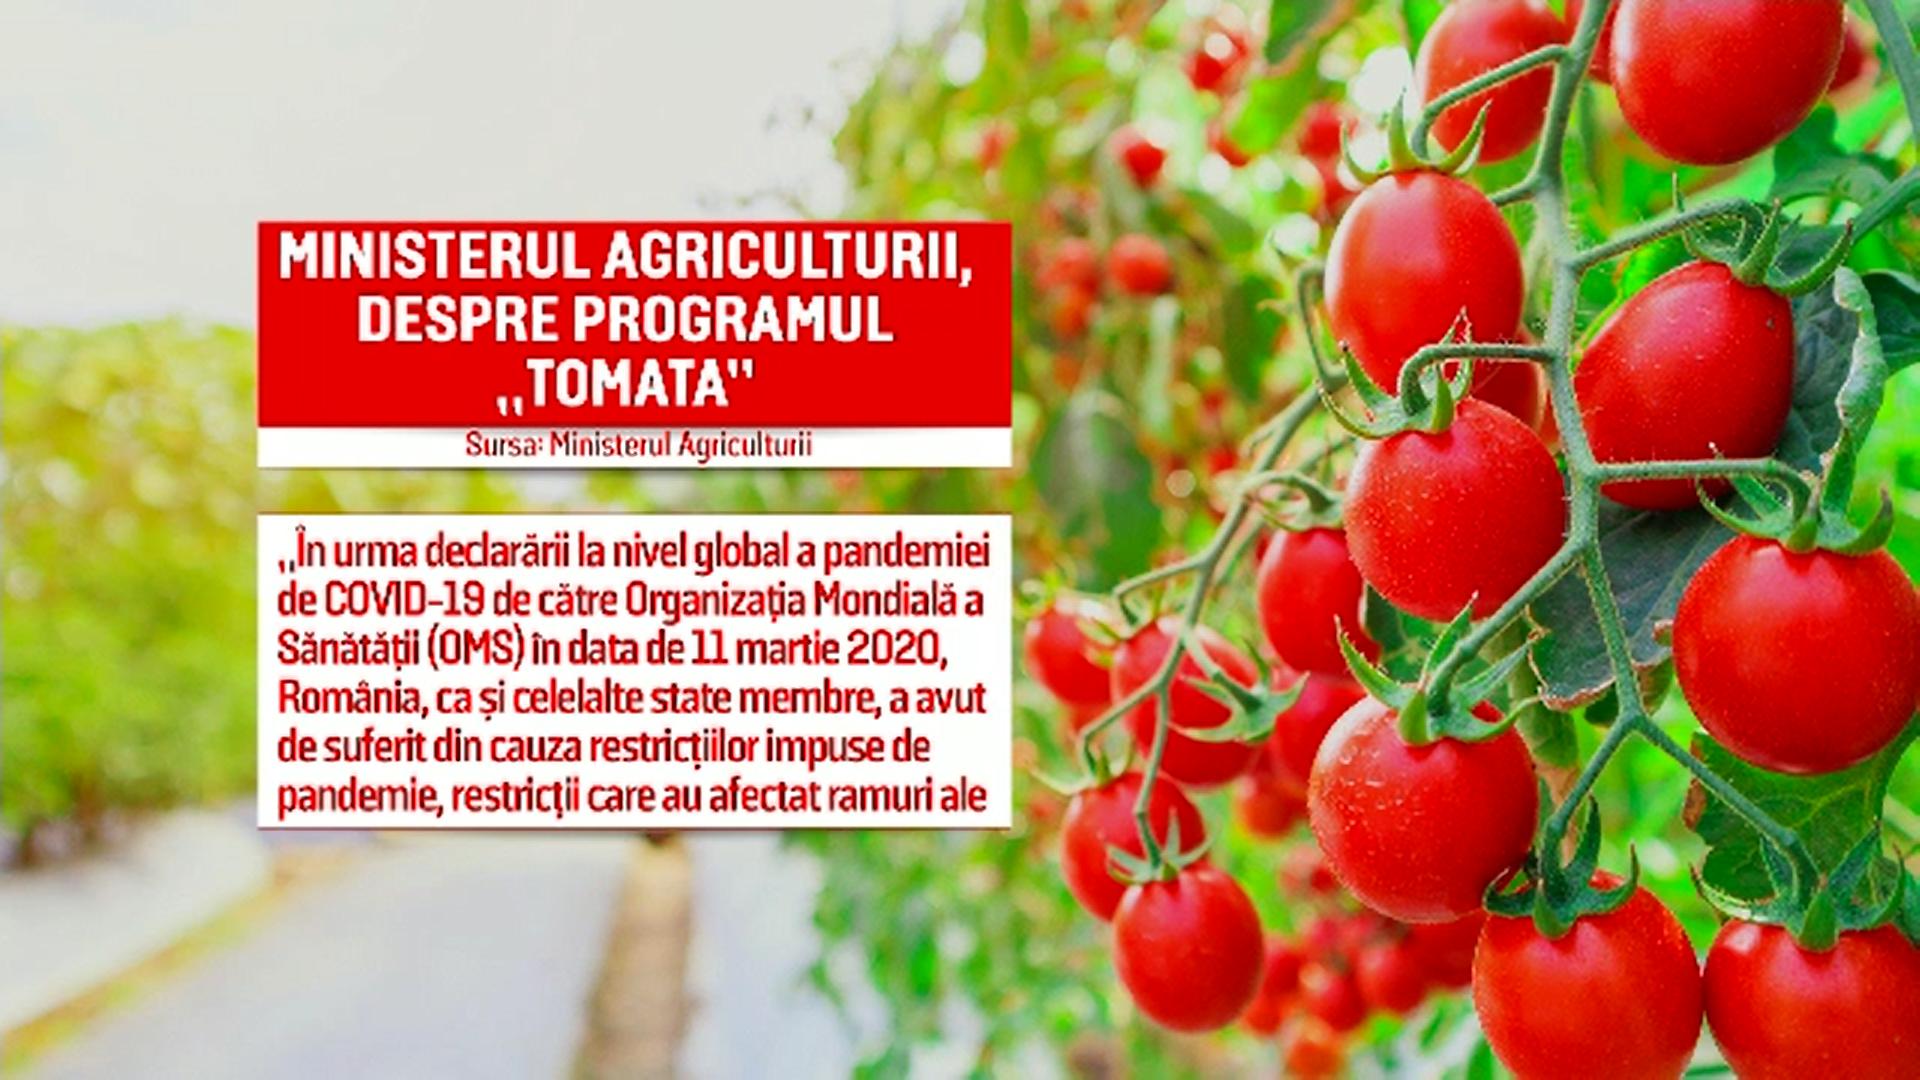 """Roşiile româneşti se vor scumpi în sezonul rece. Ministerul Agriculturii renunță la programul """"Tomata"""""""